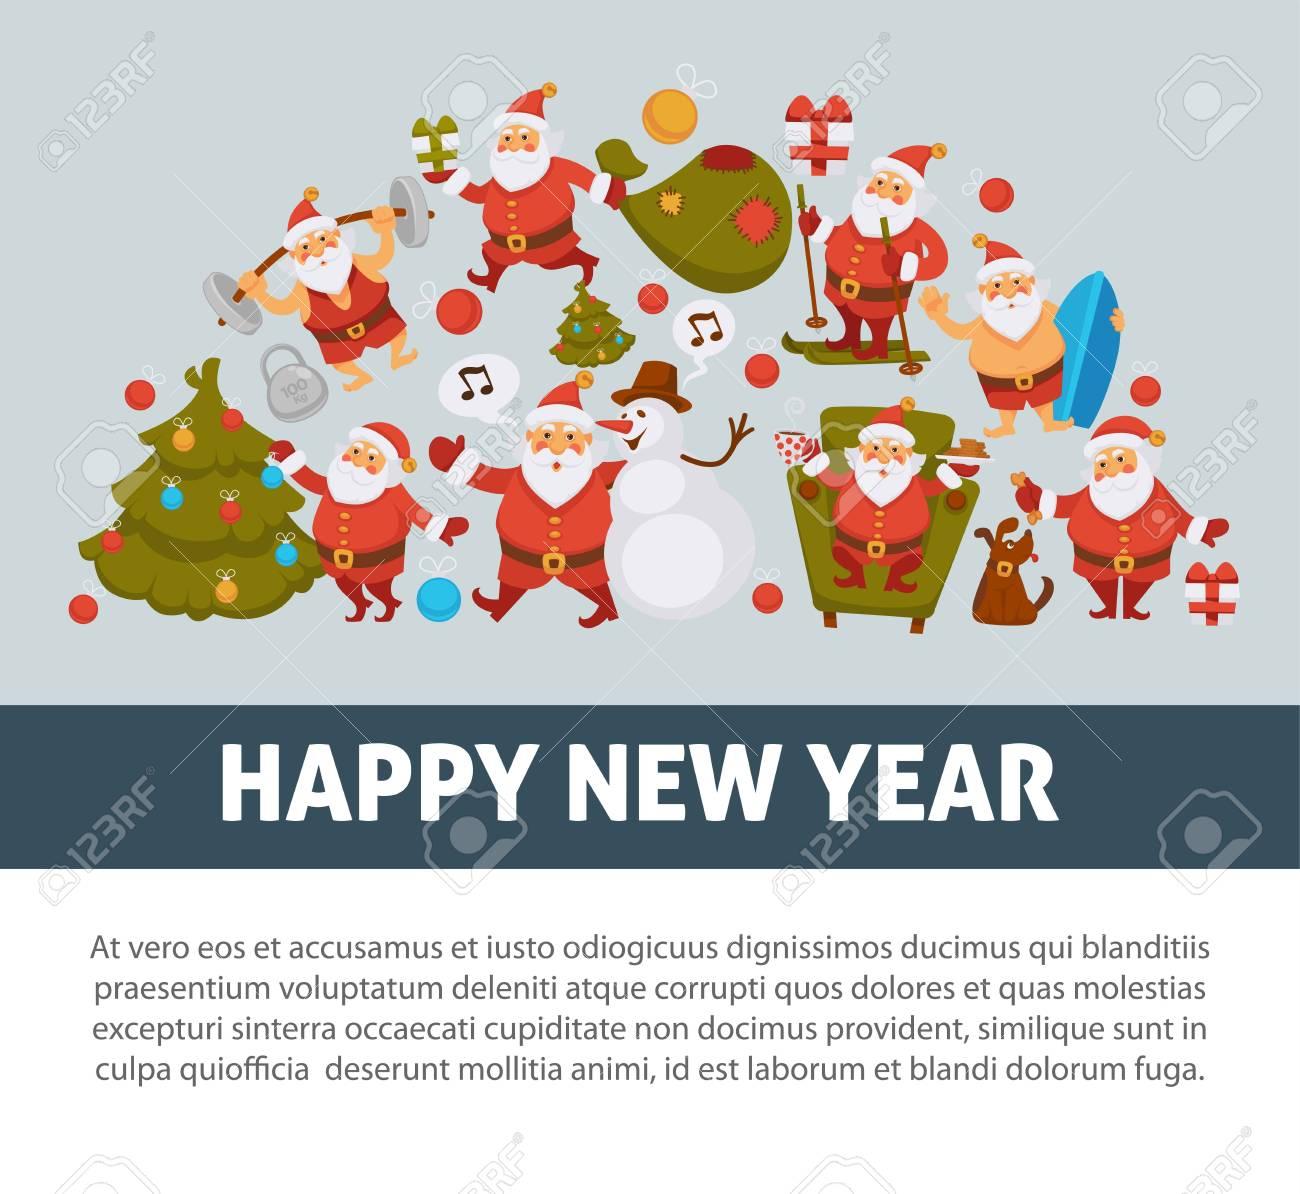 Y Con Feliz Año Cláusulas Traje TradicionalDeportivo Cartel BañadorMuñeco Papá Nieve Nuevo 2018 SombreroÁrbol De En Noel KlFc3T1J